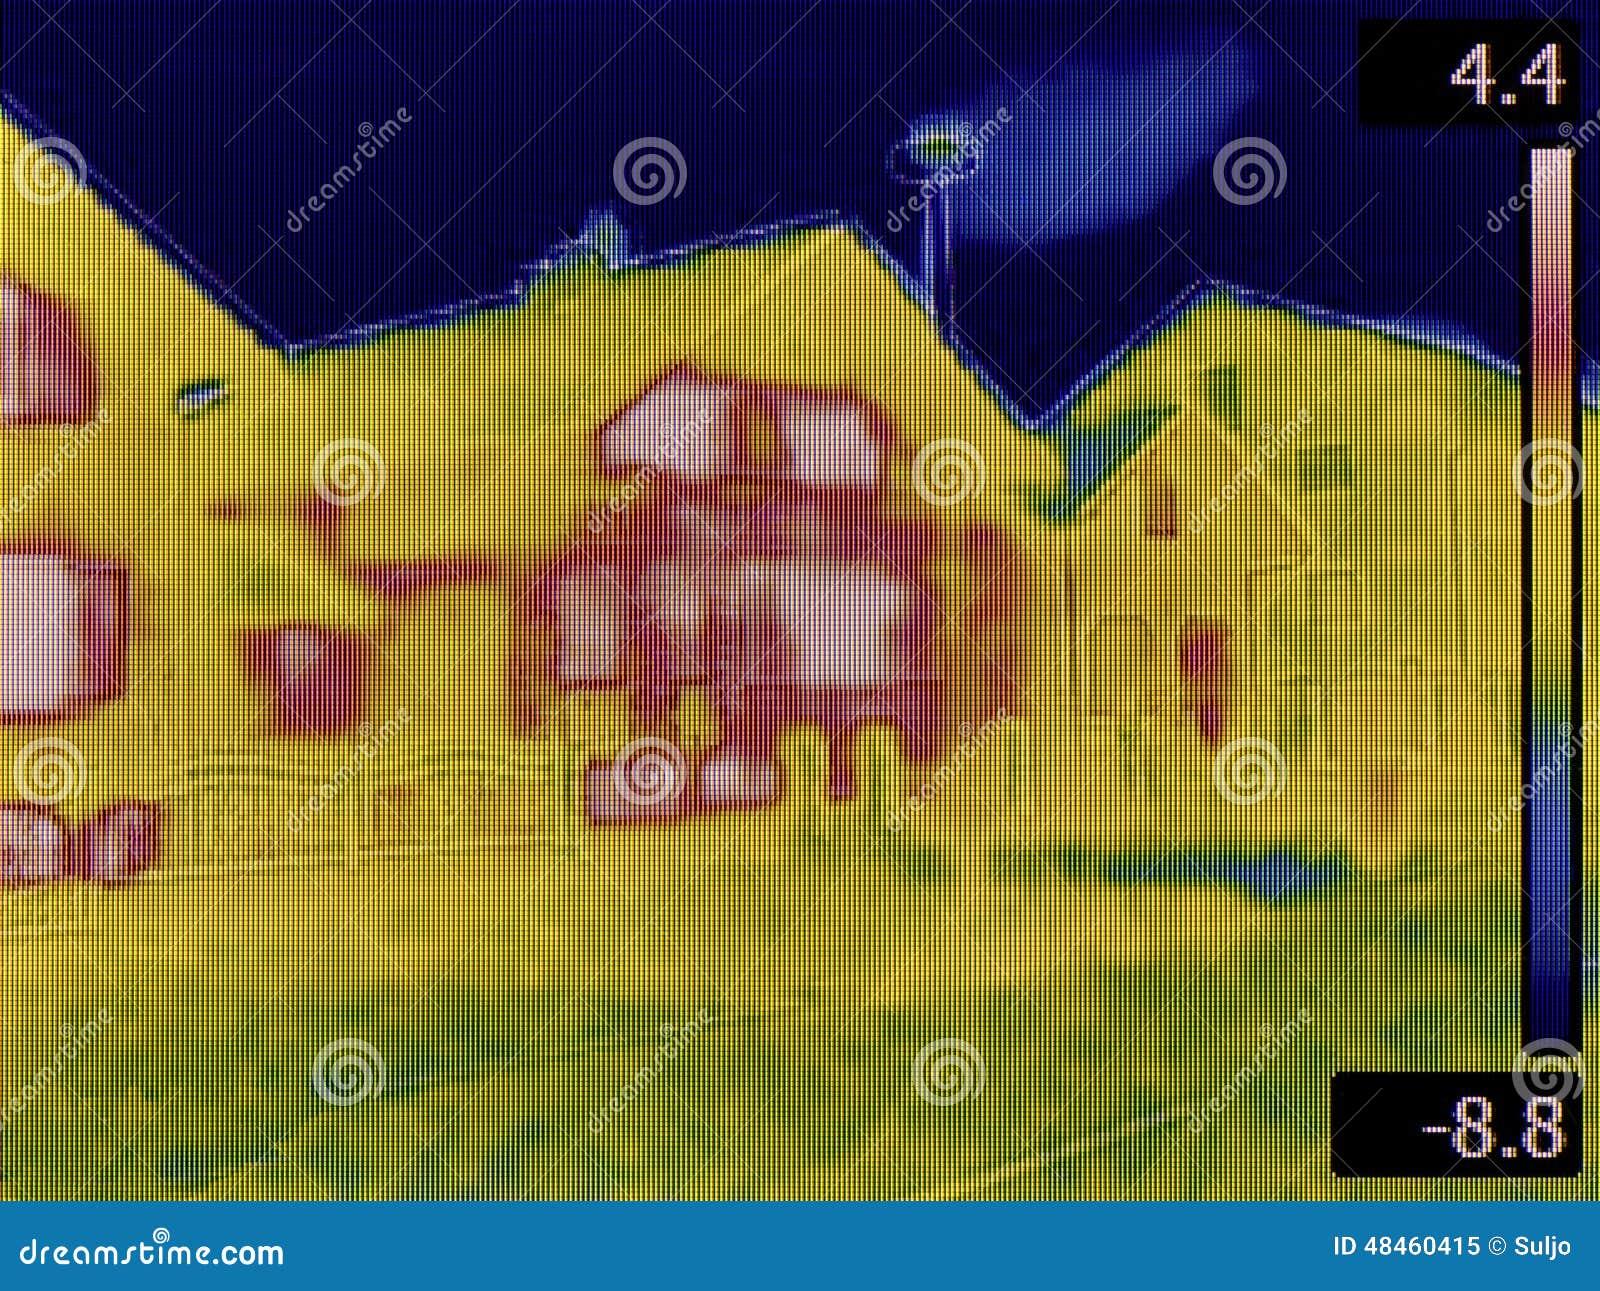 wärmeverlust-entdeckung stockbild. bild von untersuchung - 48460415